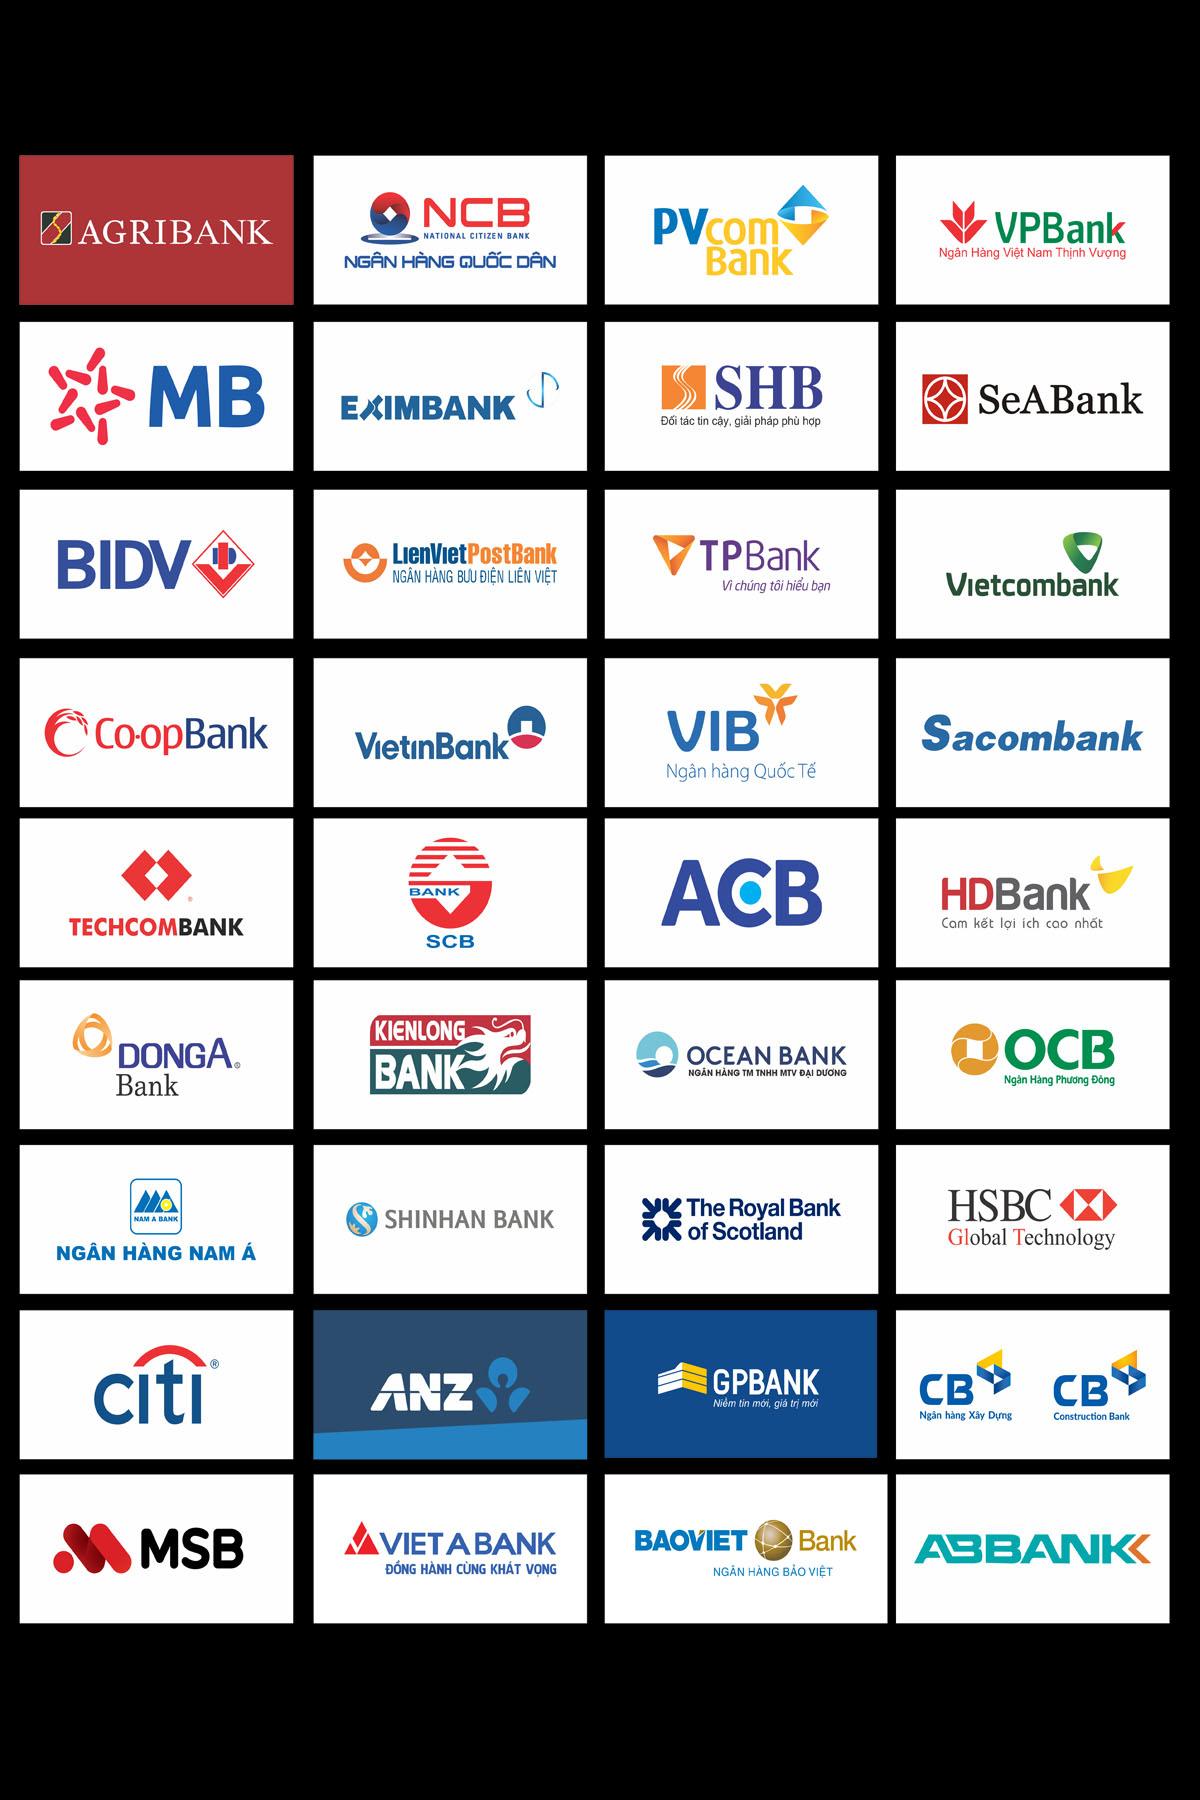 Tổng hợp 50 logo các ngân hàng tại việt nam file corel